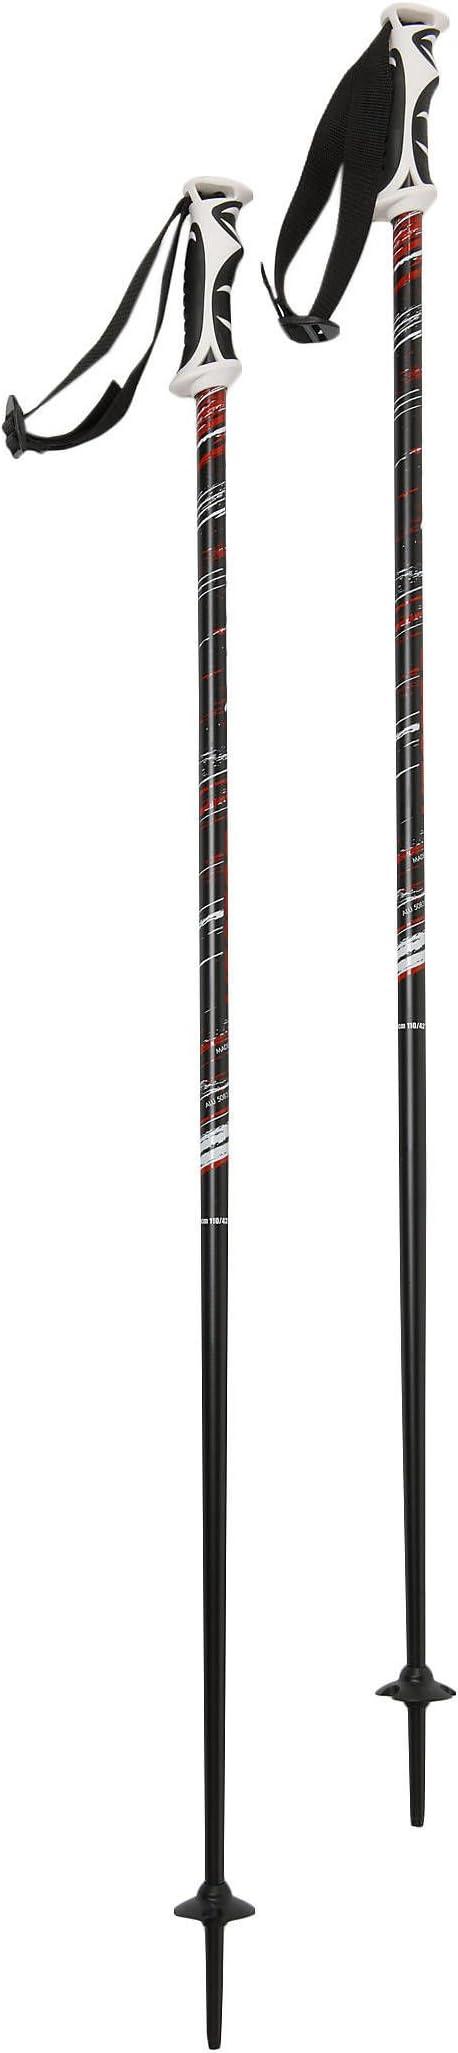 Tecno Pro Bastones de esquí para VECTOR – 1 par, unisex, schwarz / weiss (910), 135 cm: Amazon.es: Deportes y aire libre